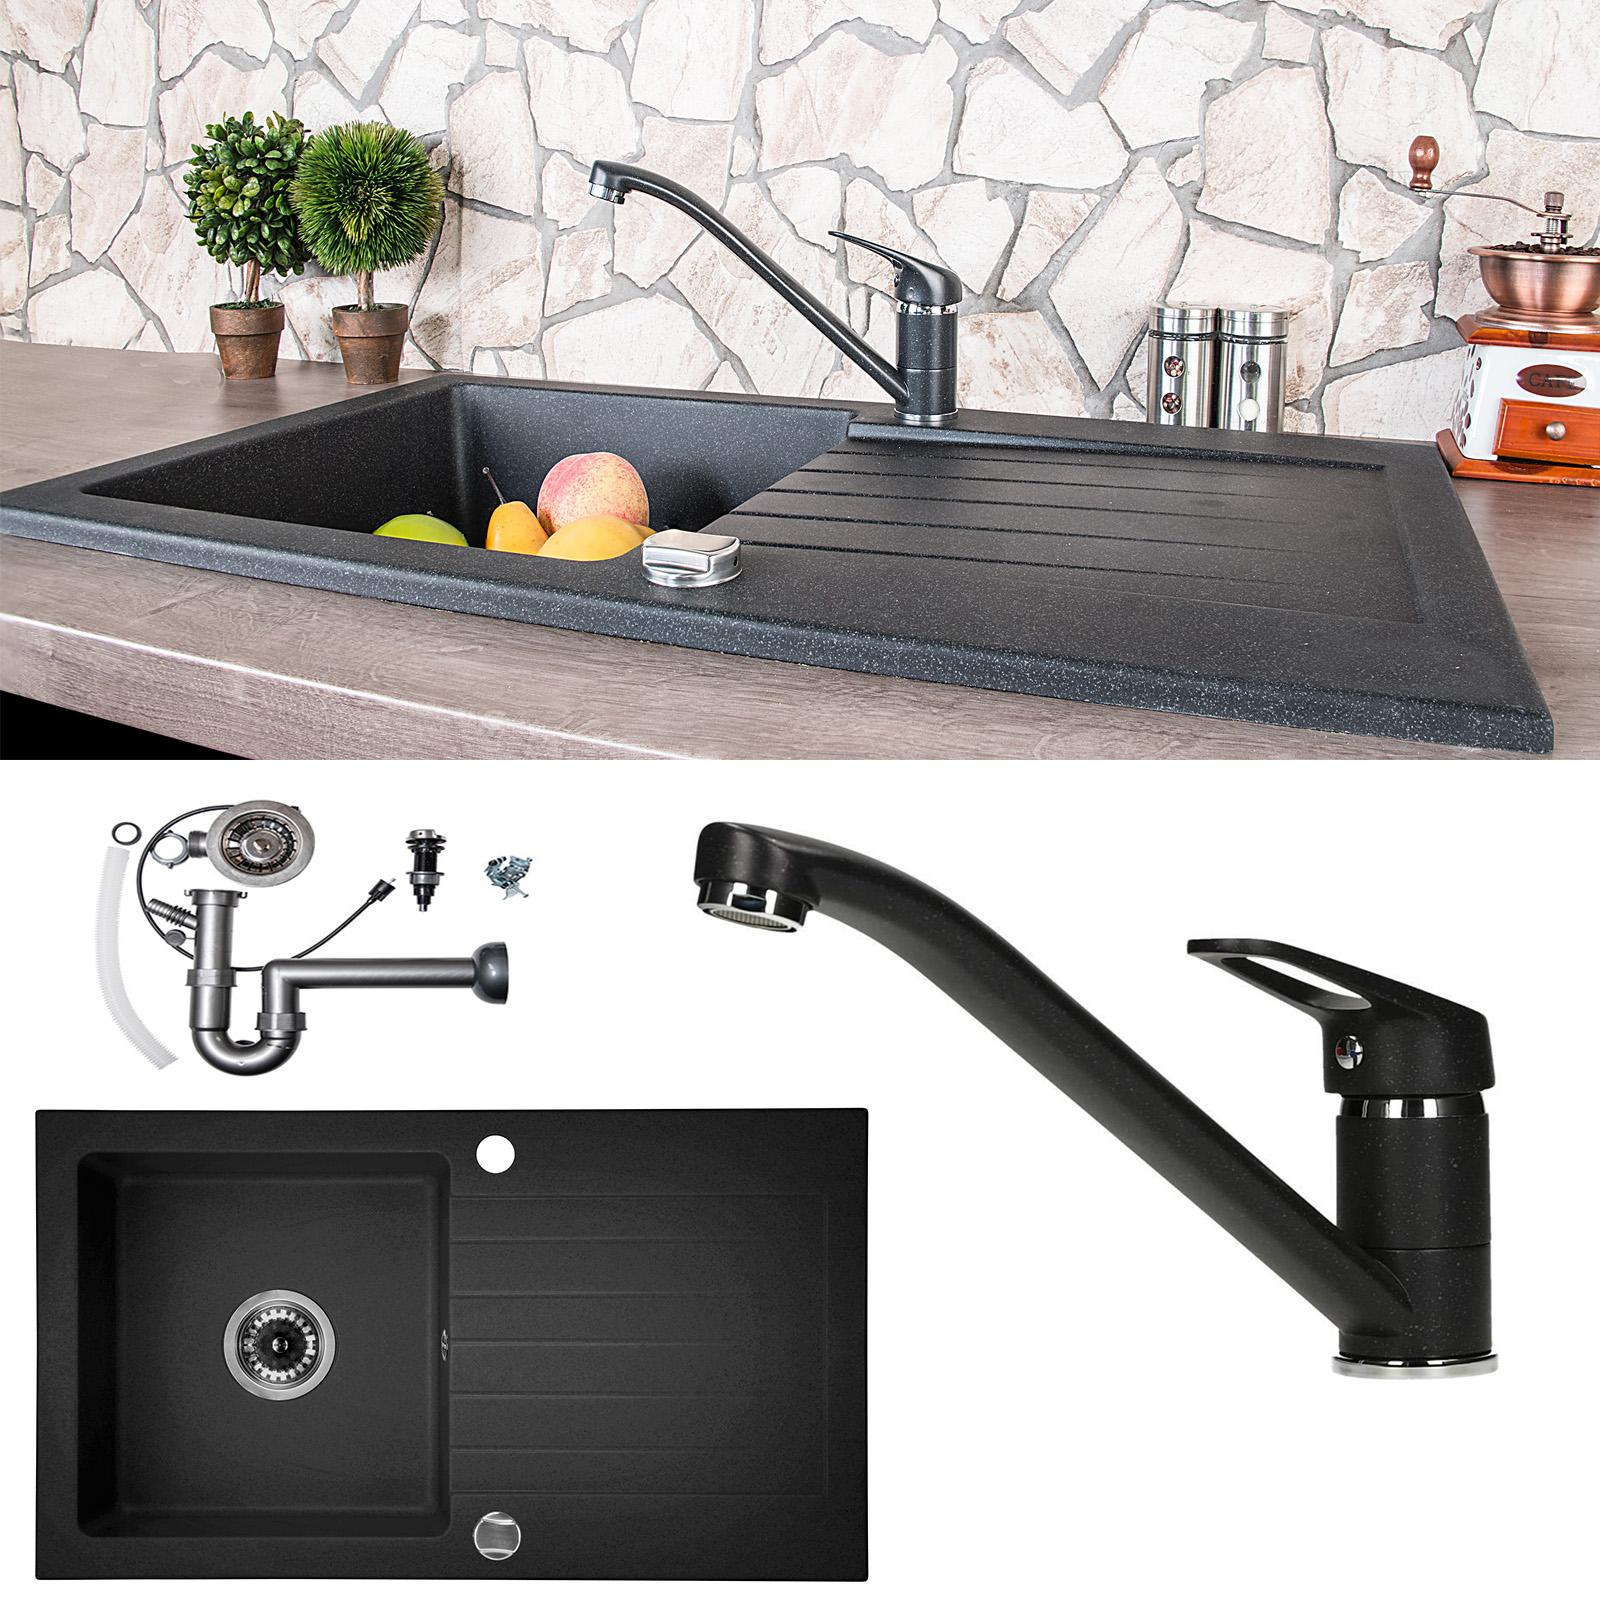 Ungewöhnlich Küchenspüle Armatur Ideen Ideen Für Die Küche